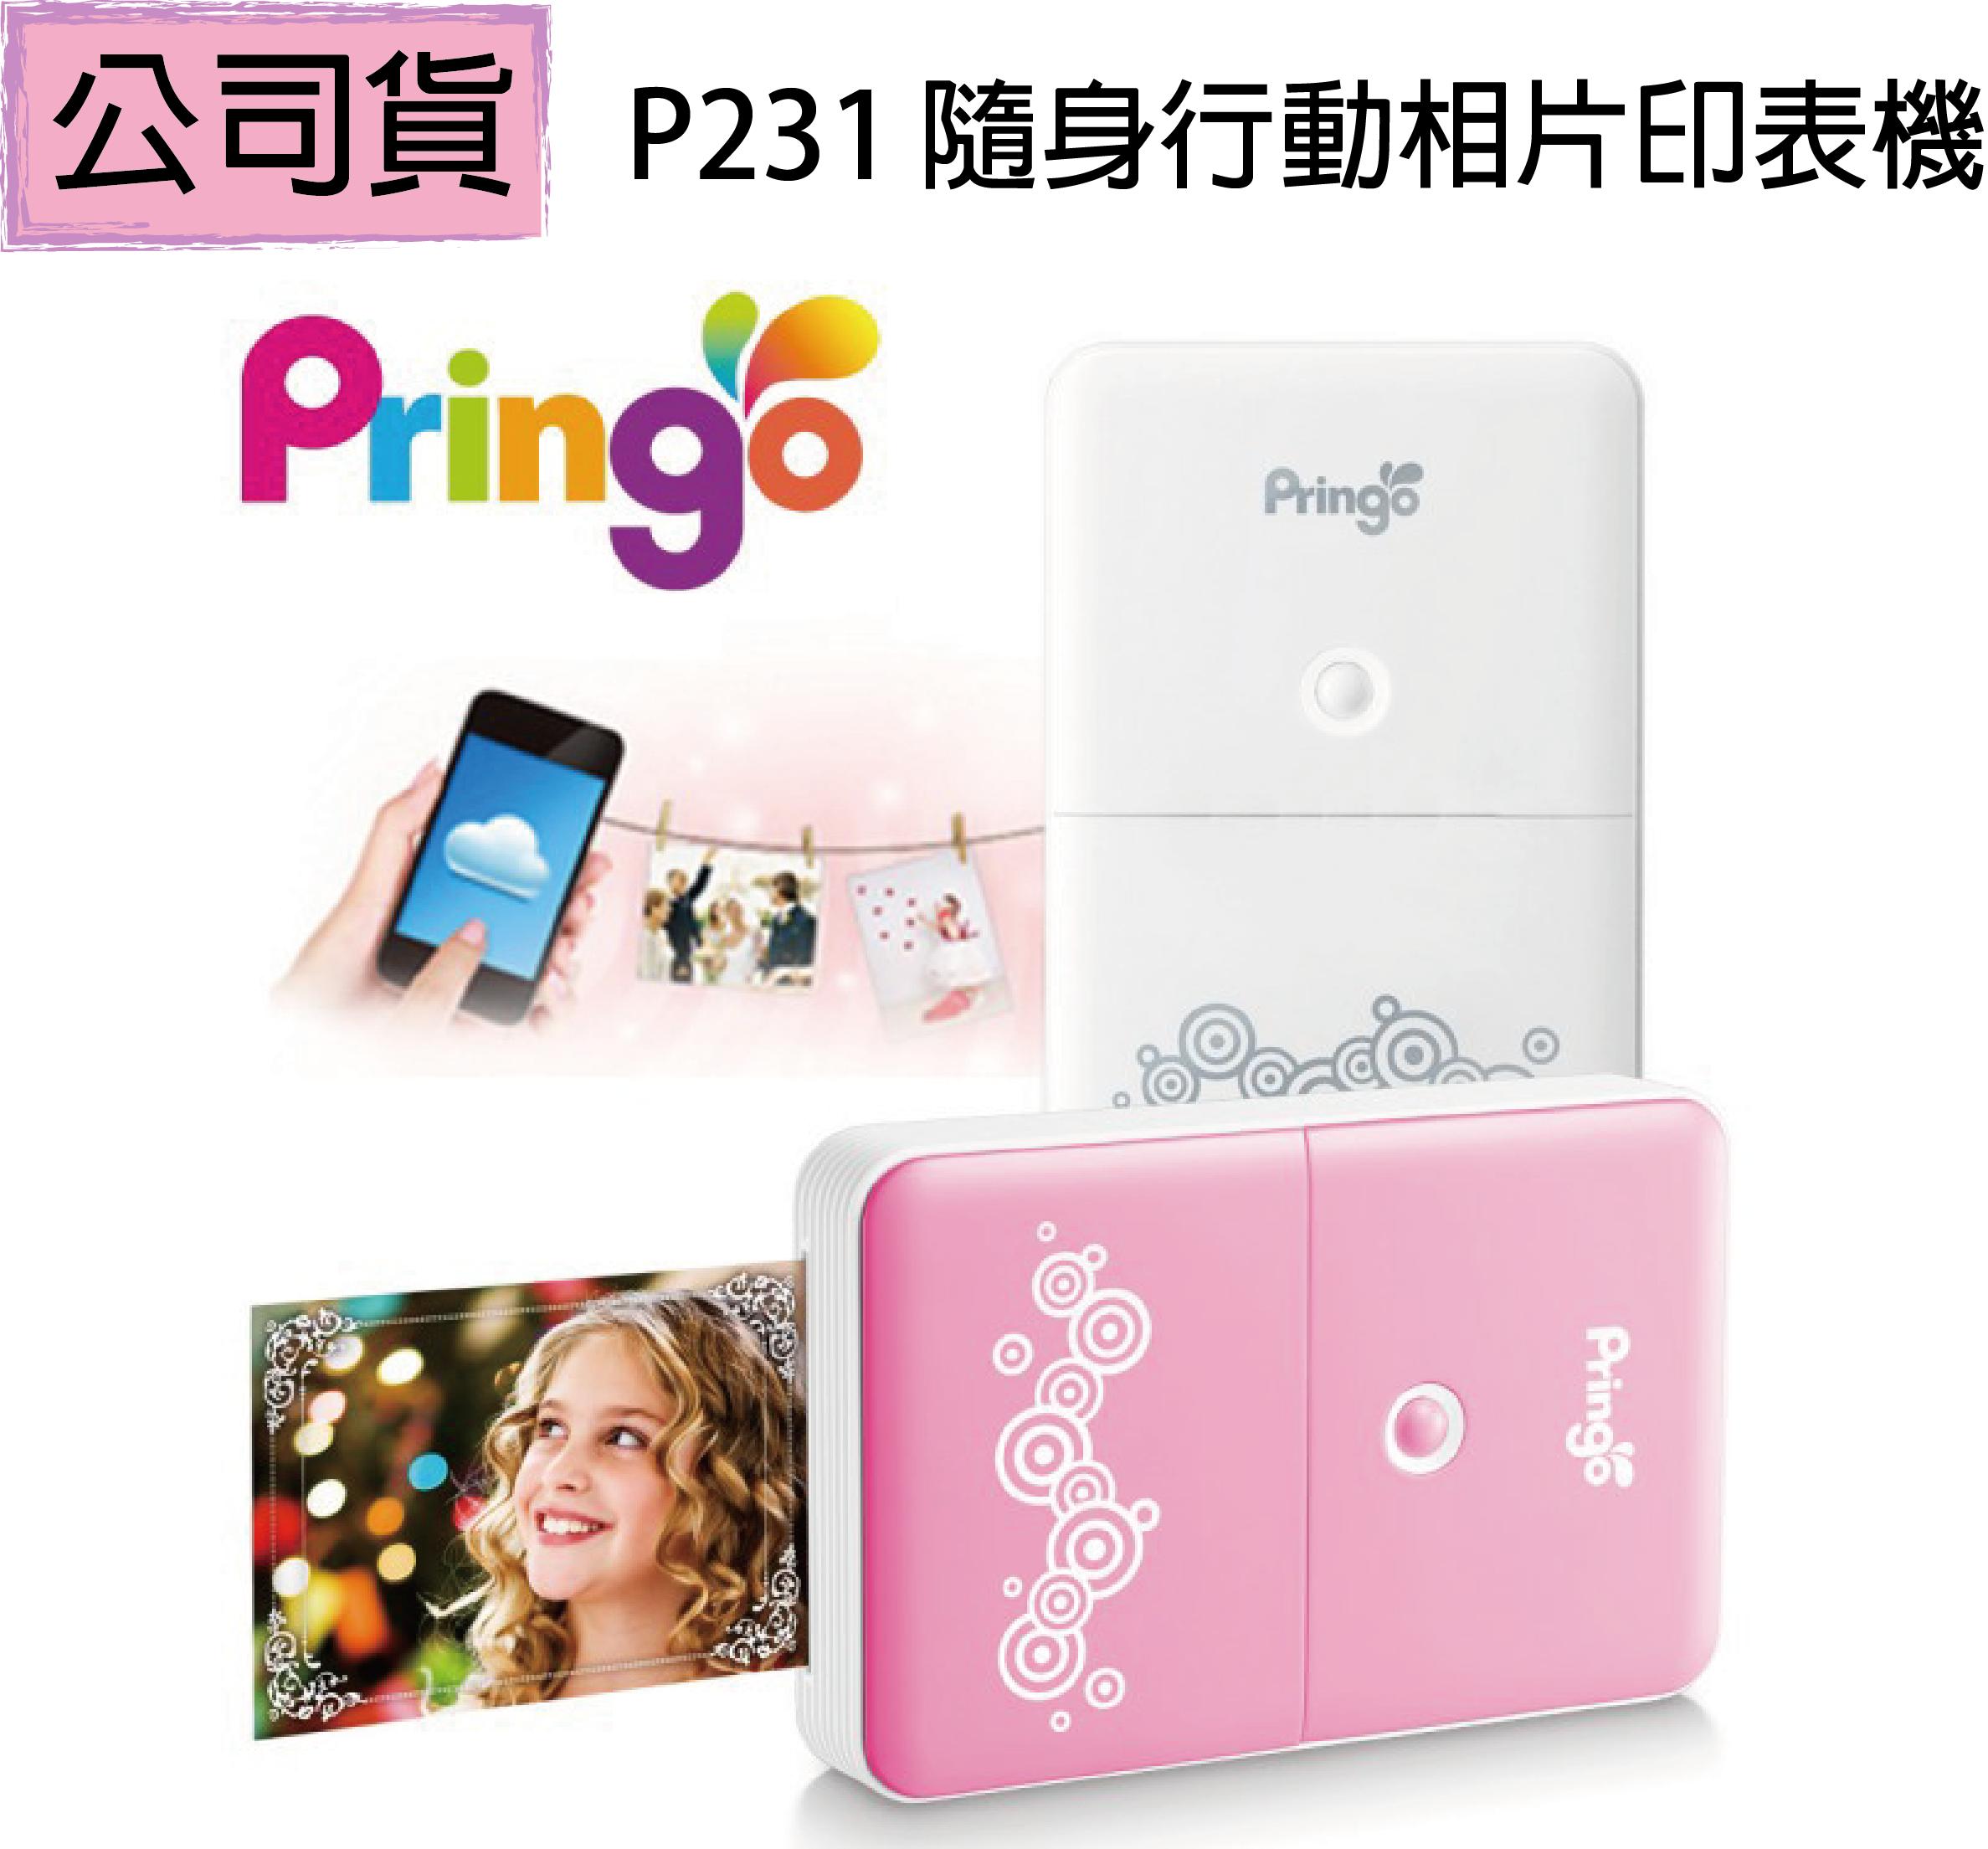 贈【原廠電池*2】含【相紙*100+色帶*10】【Hiti Pringo】P231 wifi行動相片印表機 (公司貨)